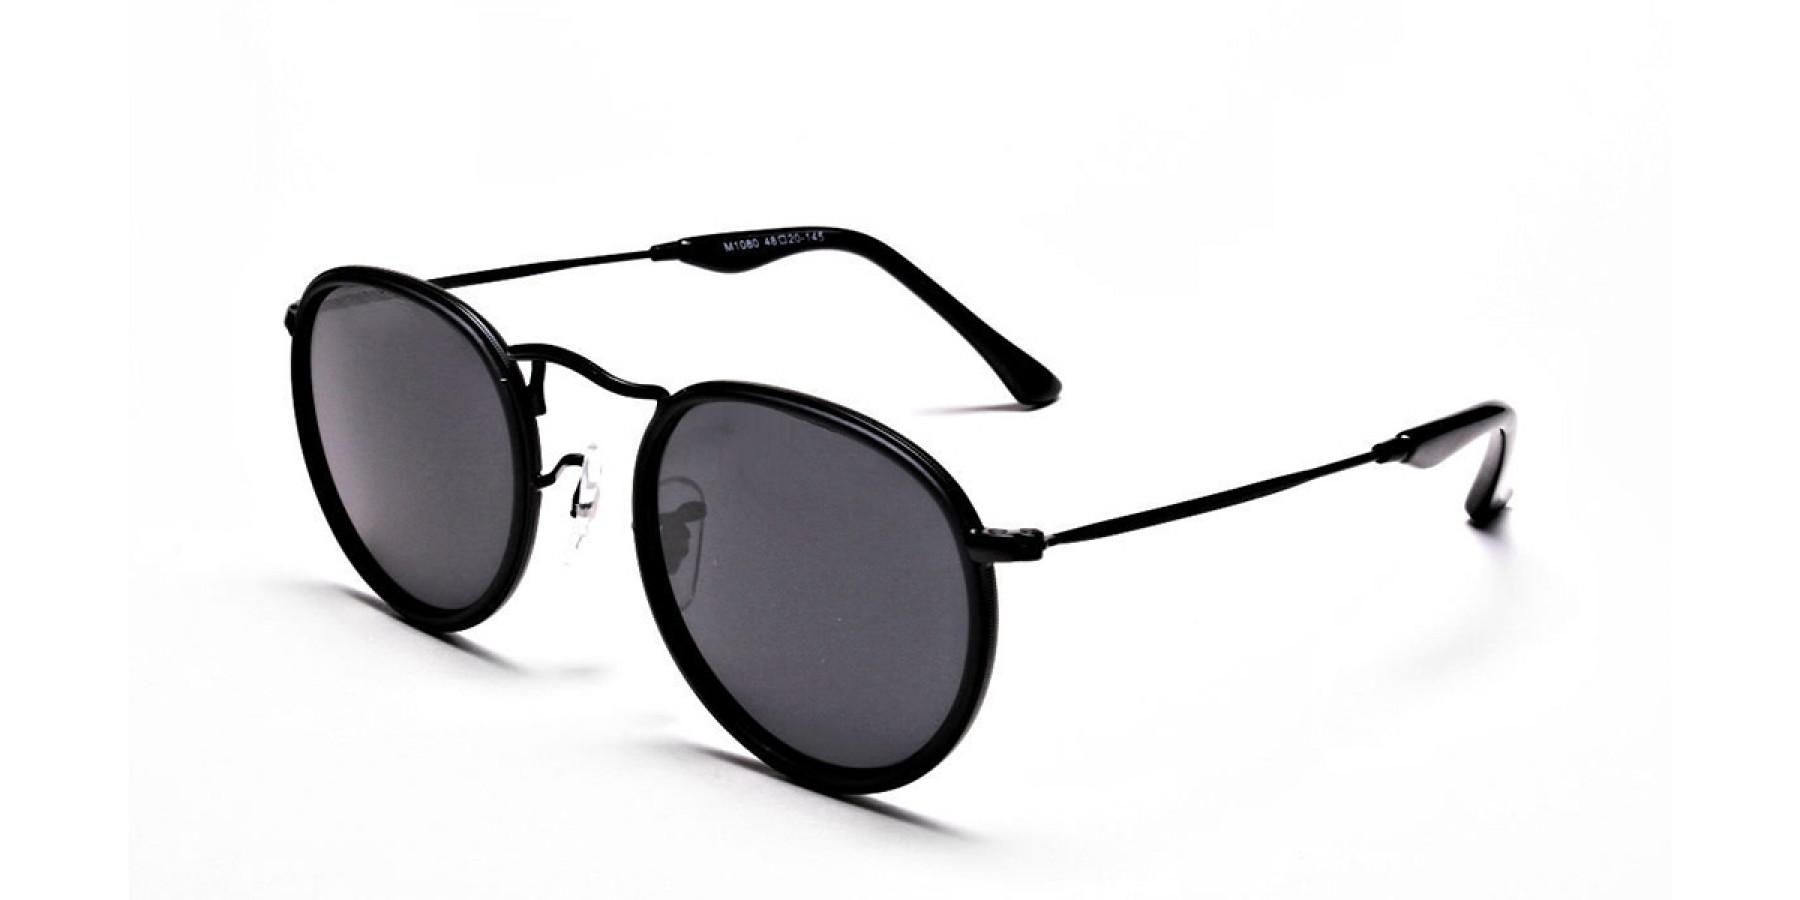 Dark Sunglasses for Men and Women Online - 2